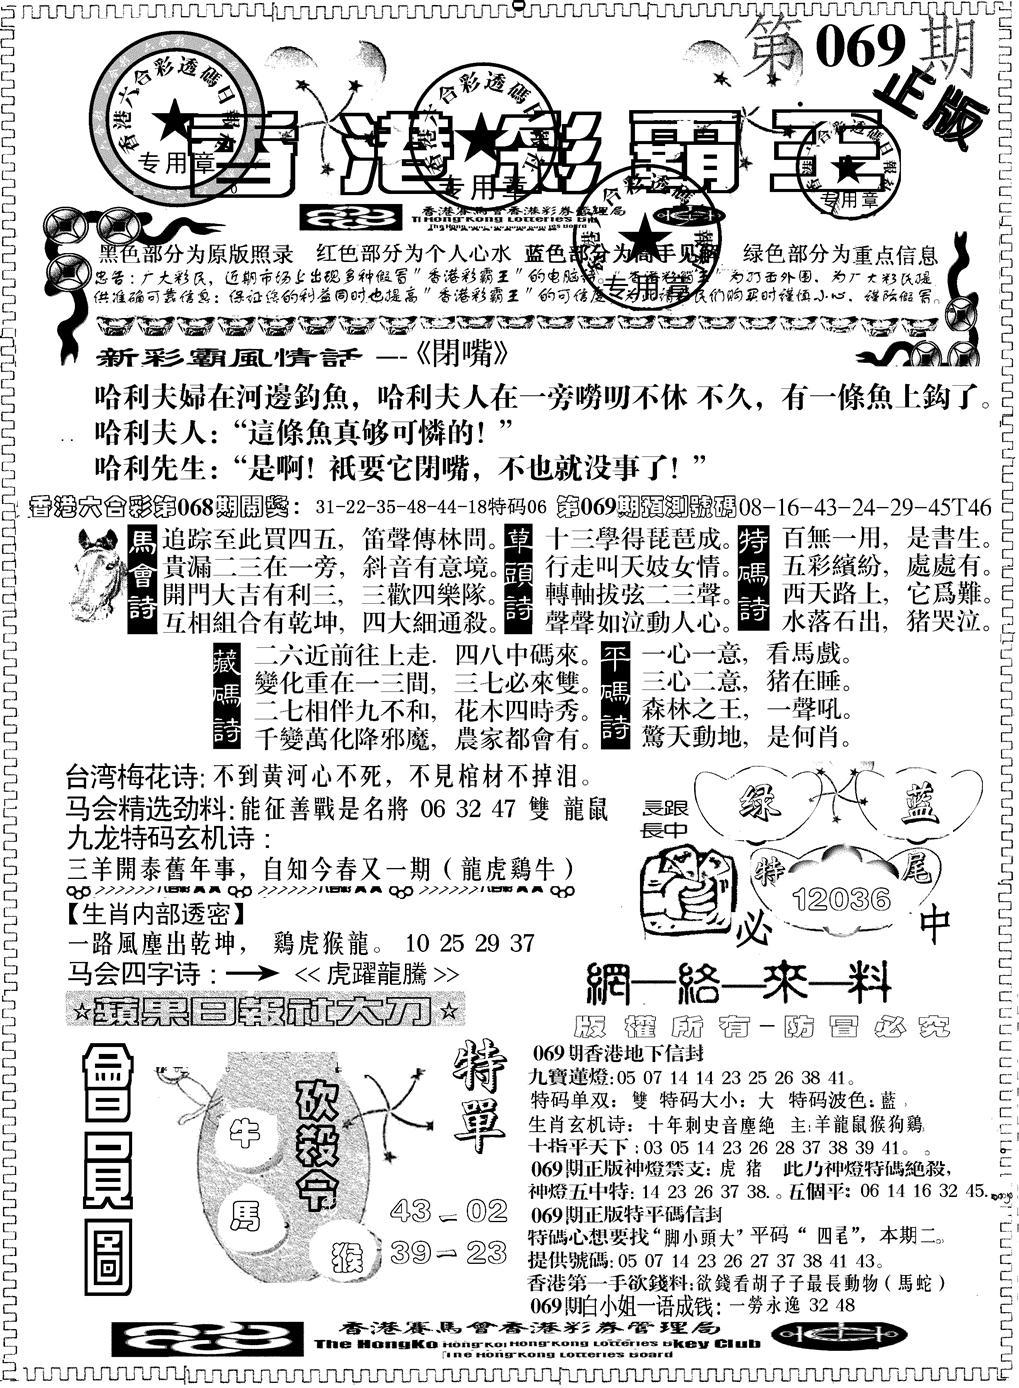 069期另版新版彩霸王A(黑白)